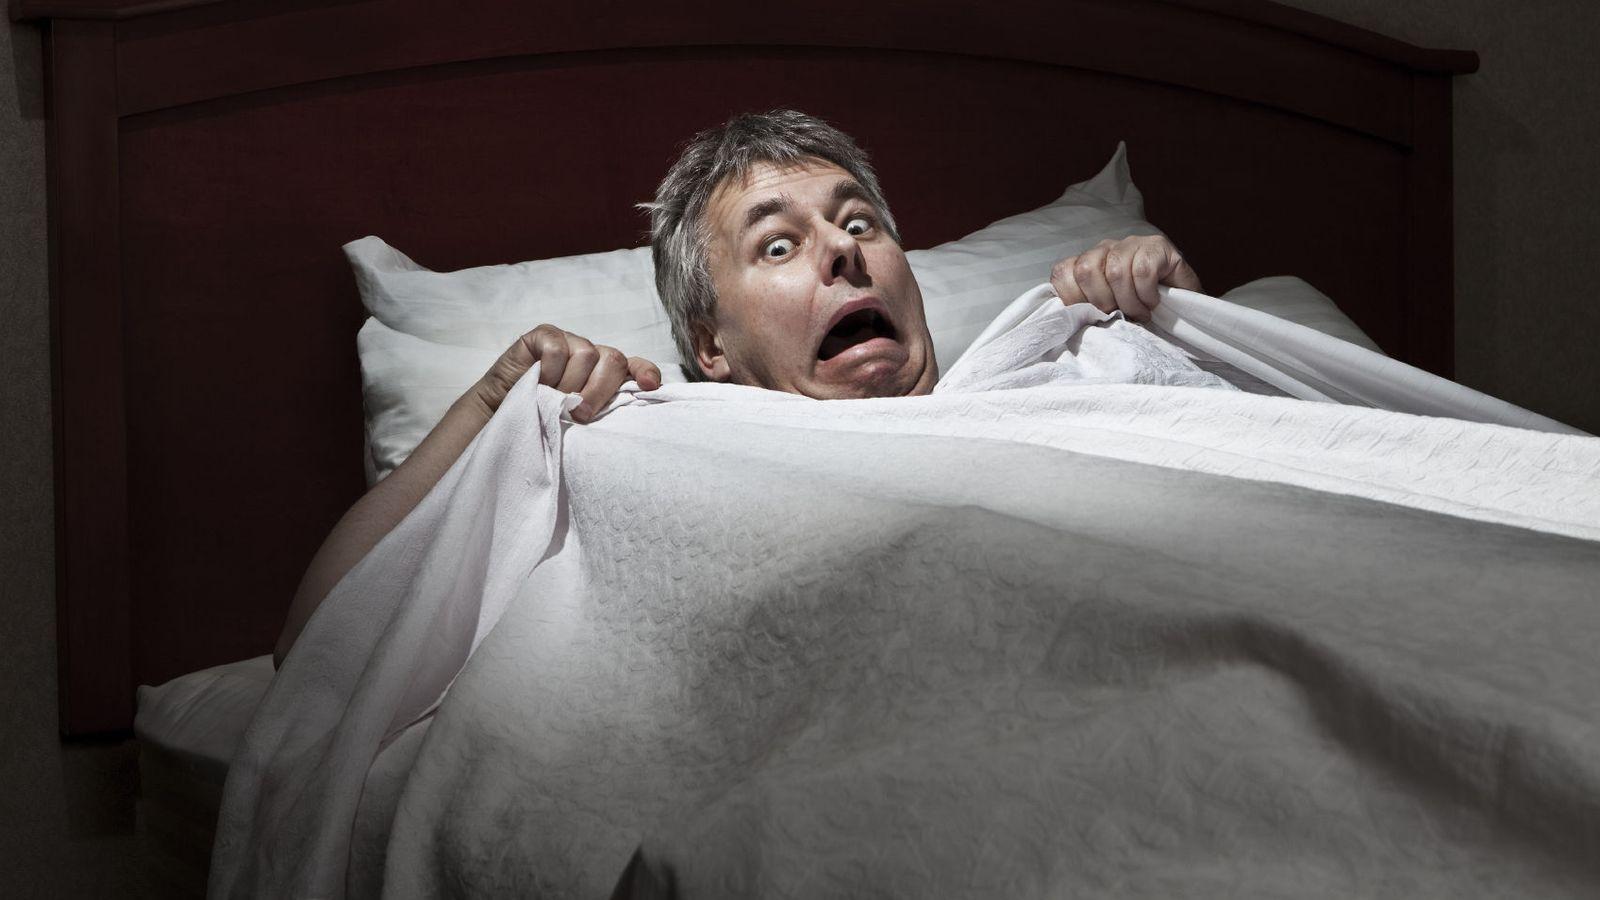 Foto: La pesadilla es ver que alguien se despierta con esta cara. (iStock)